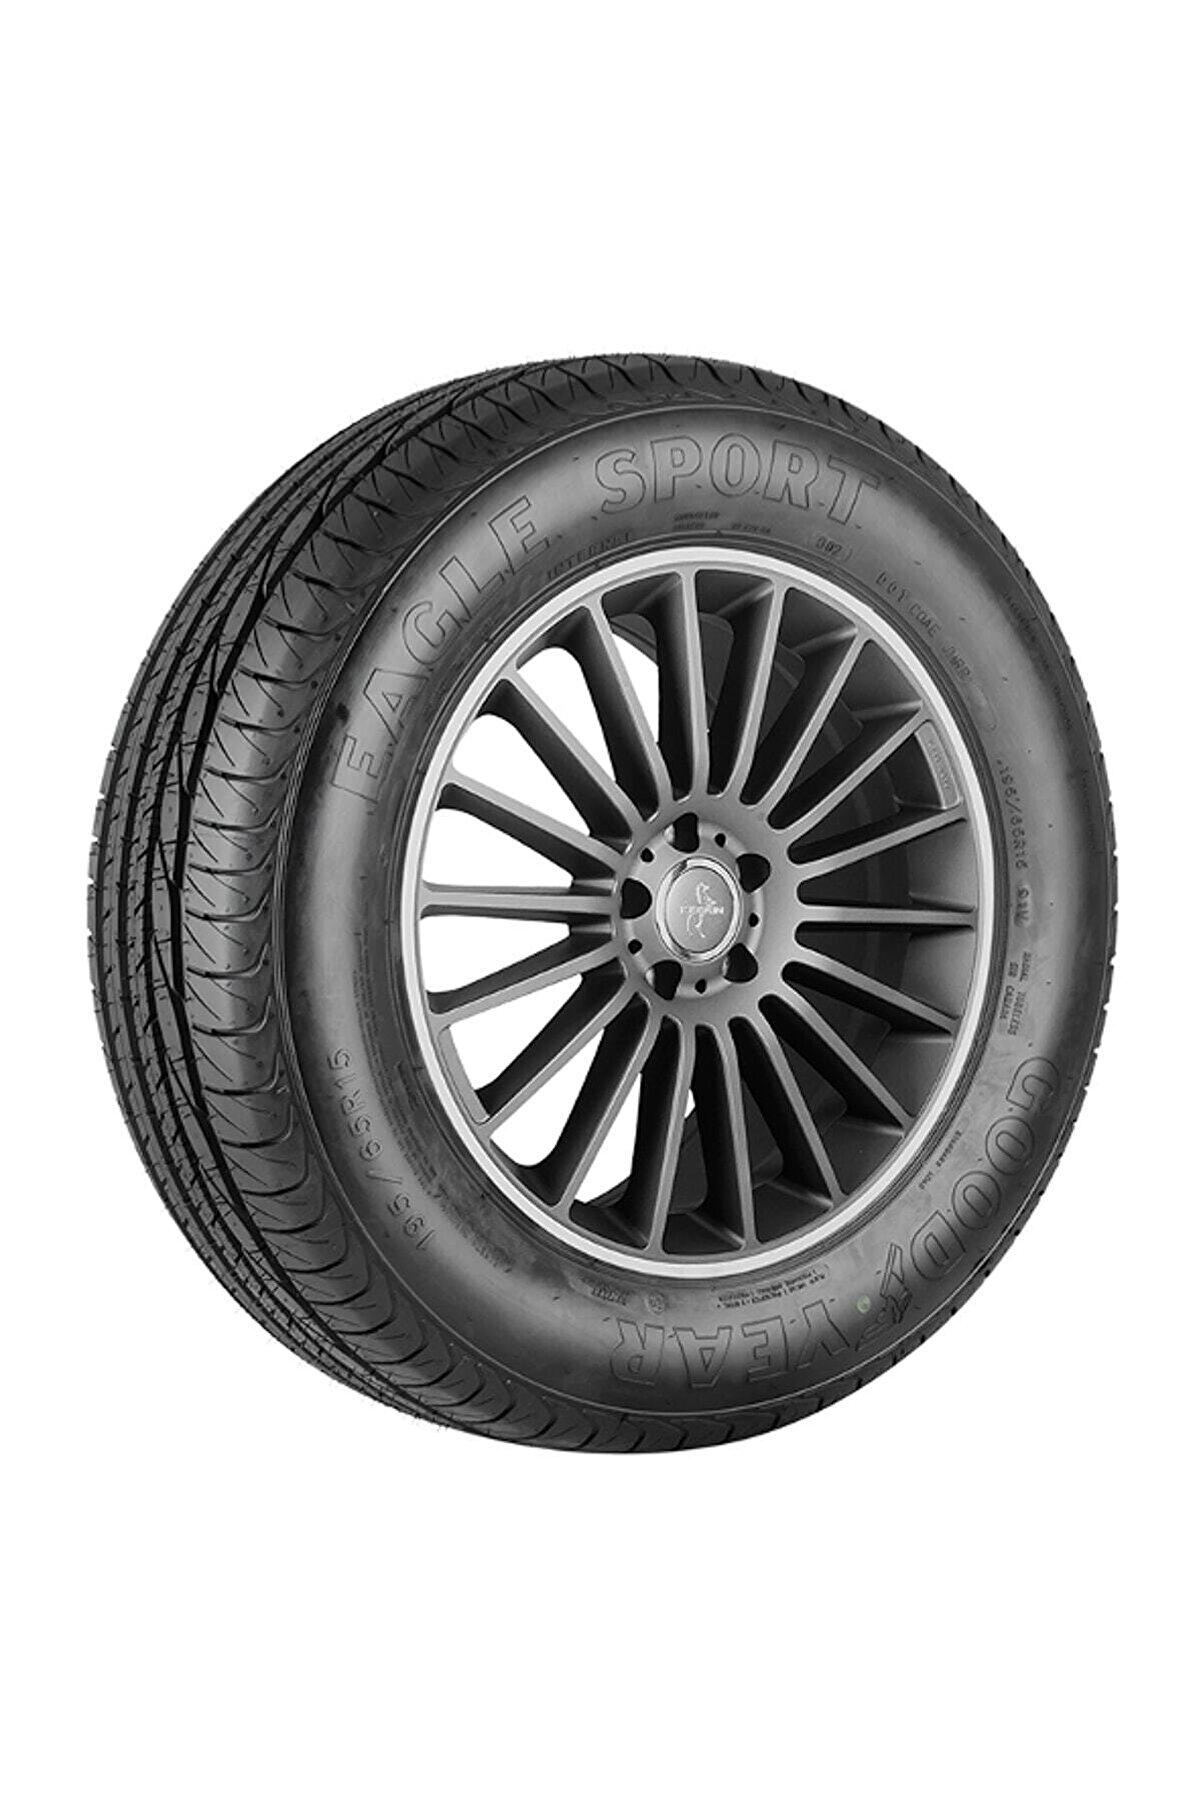 Goodyear 195/65r15 91v Eagle Sport Yaz Lastik Üretim Yılı: 2021